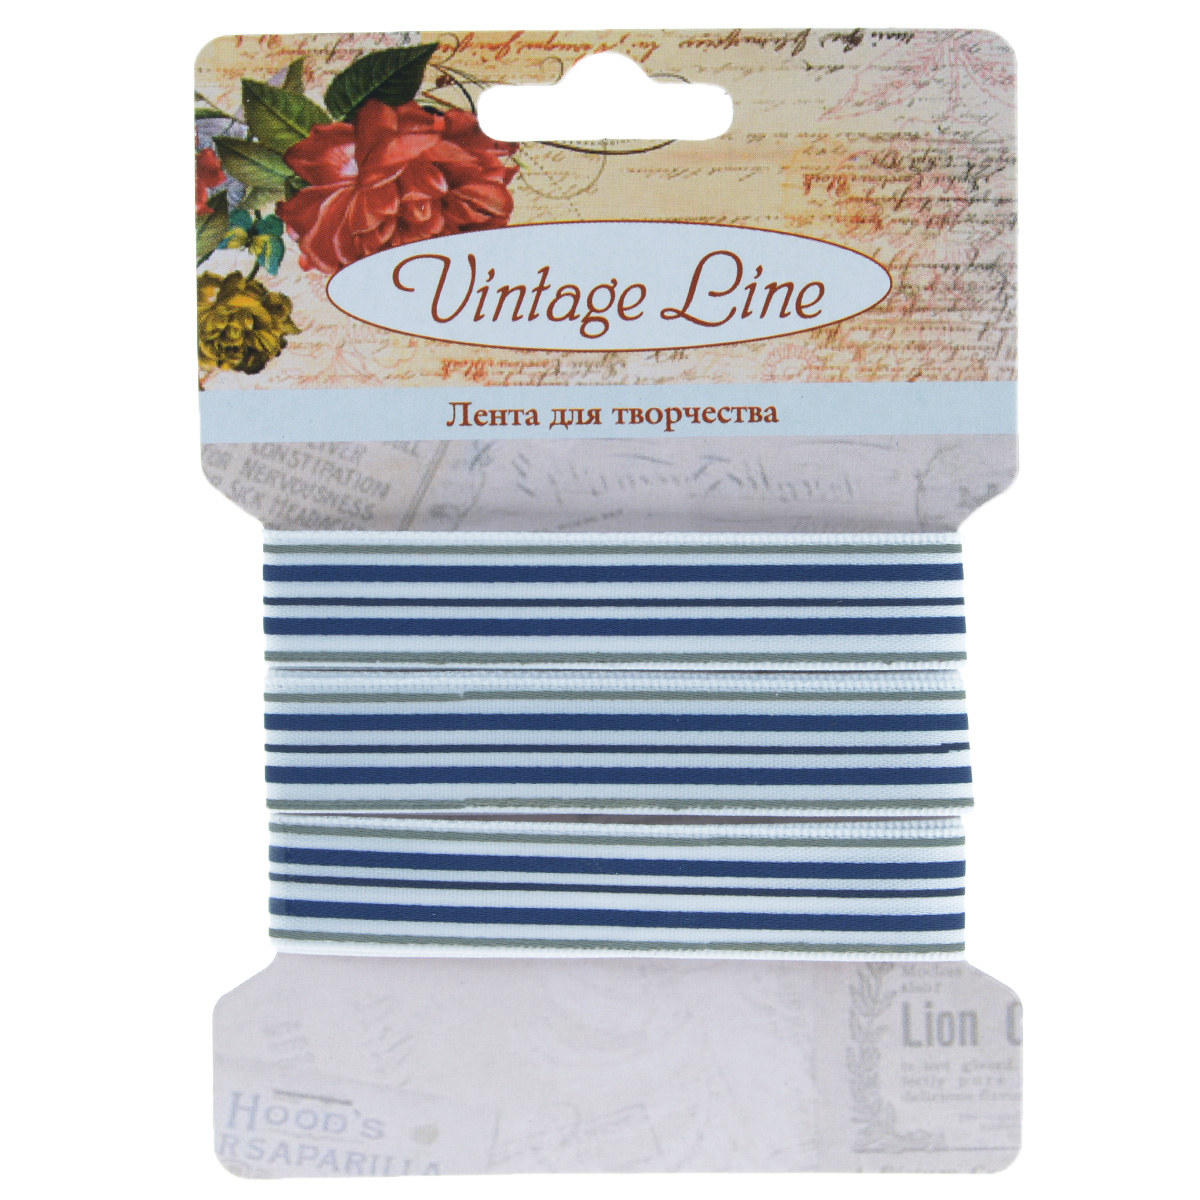 Лента декоративная Vintage Line, цвет: белый, синий, ширина 1,2 см, длина 1 м. 77093087709308Декоративная лента Vintage Line выполнена из текстиля и оформлена принтом в полоску. Такая лента идеально подойдет для оформления различных творческих работ таких, как скрапбукинг, аппликация, декор коробок и открыток и многое другое. Лента наивысшего качества практична в использовании. Она станет незаменимым элементом в создании рукотворного шедевра. Ширина: 1,2 см.Длина: 1 м.